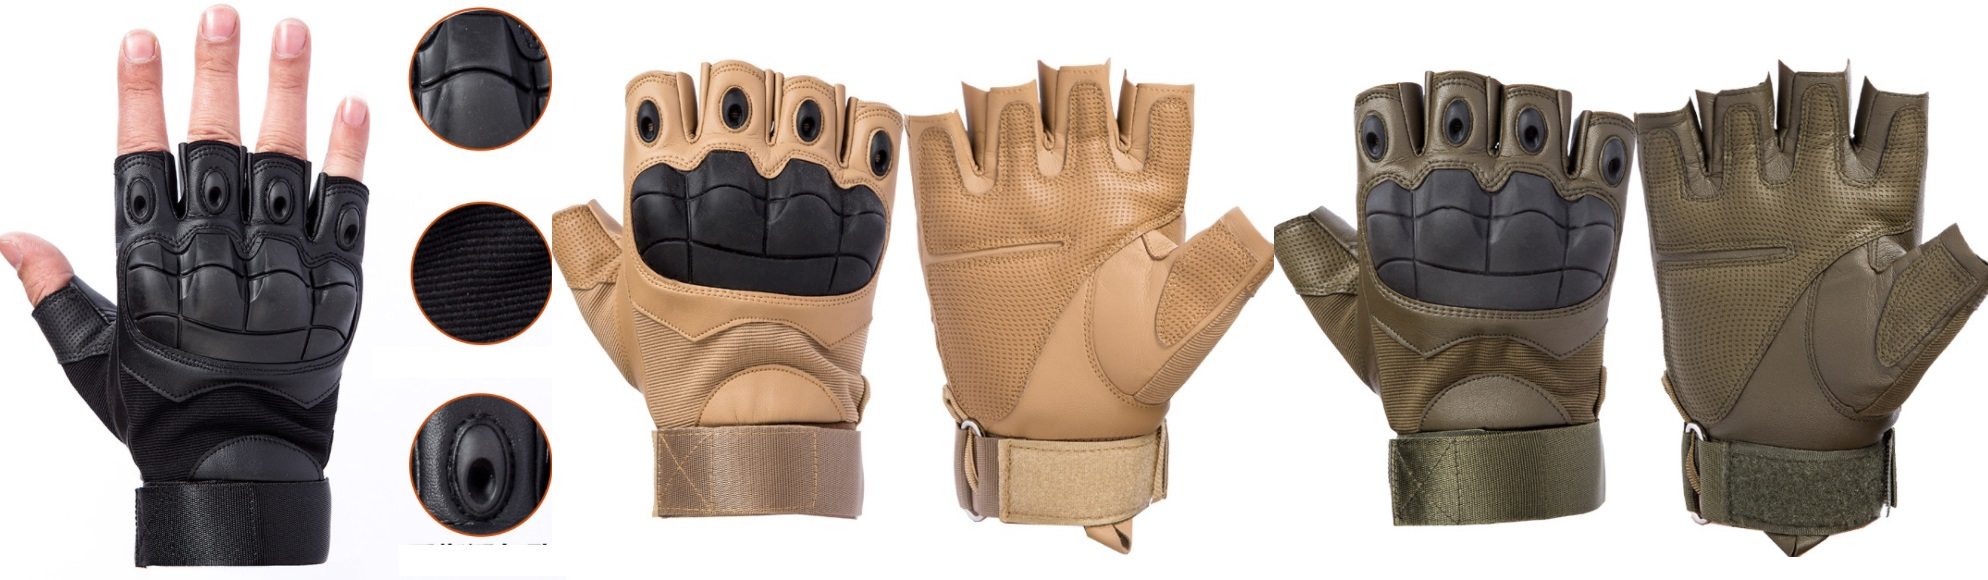 Găng tay Oakley cụt mẫu 2